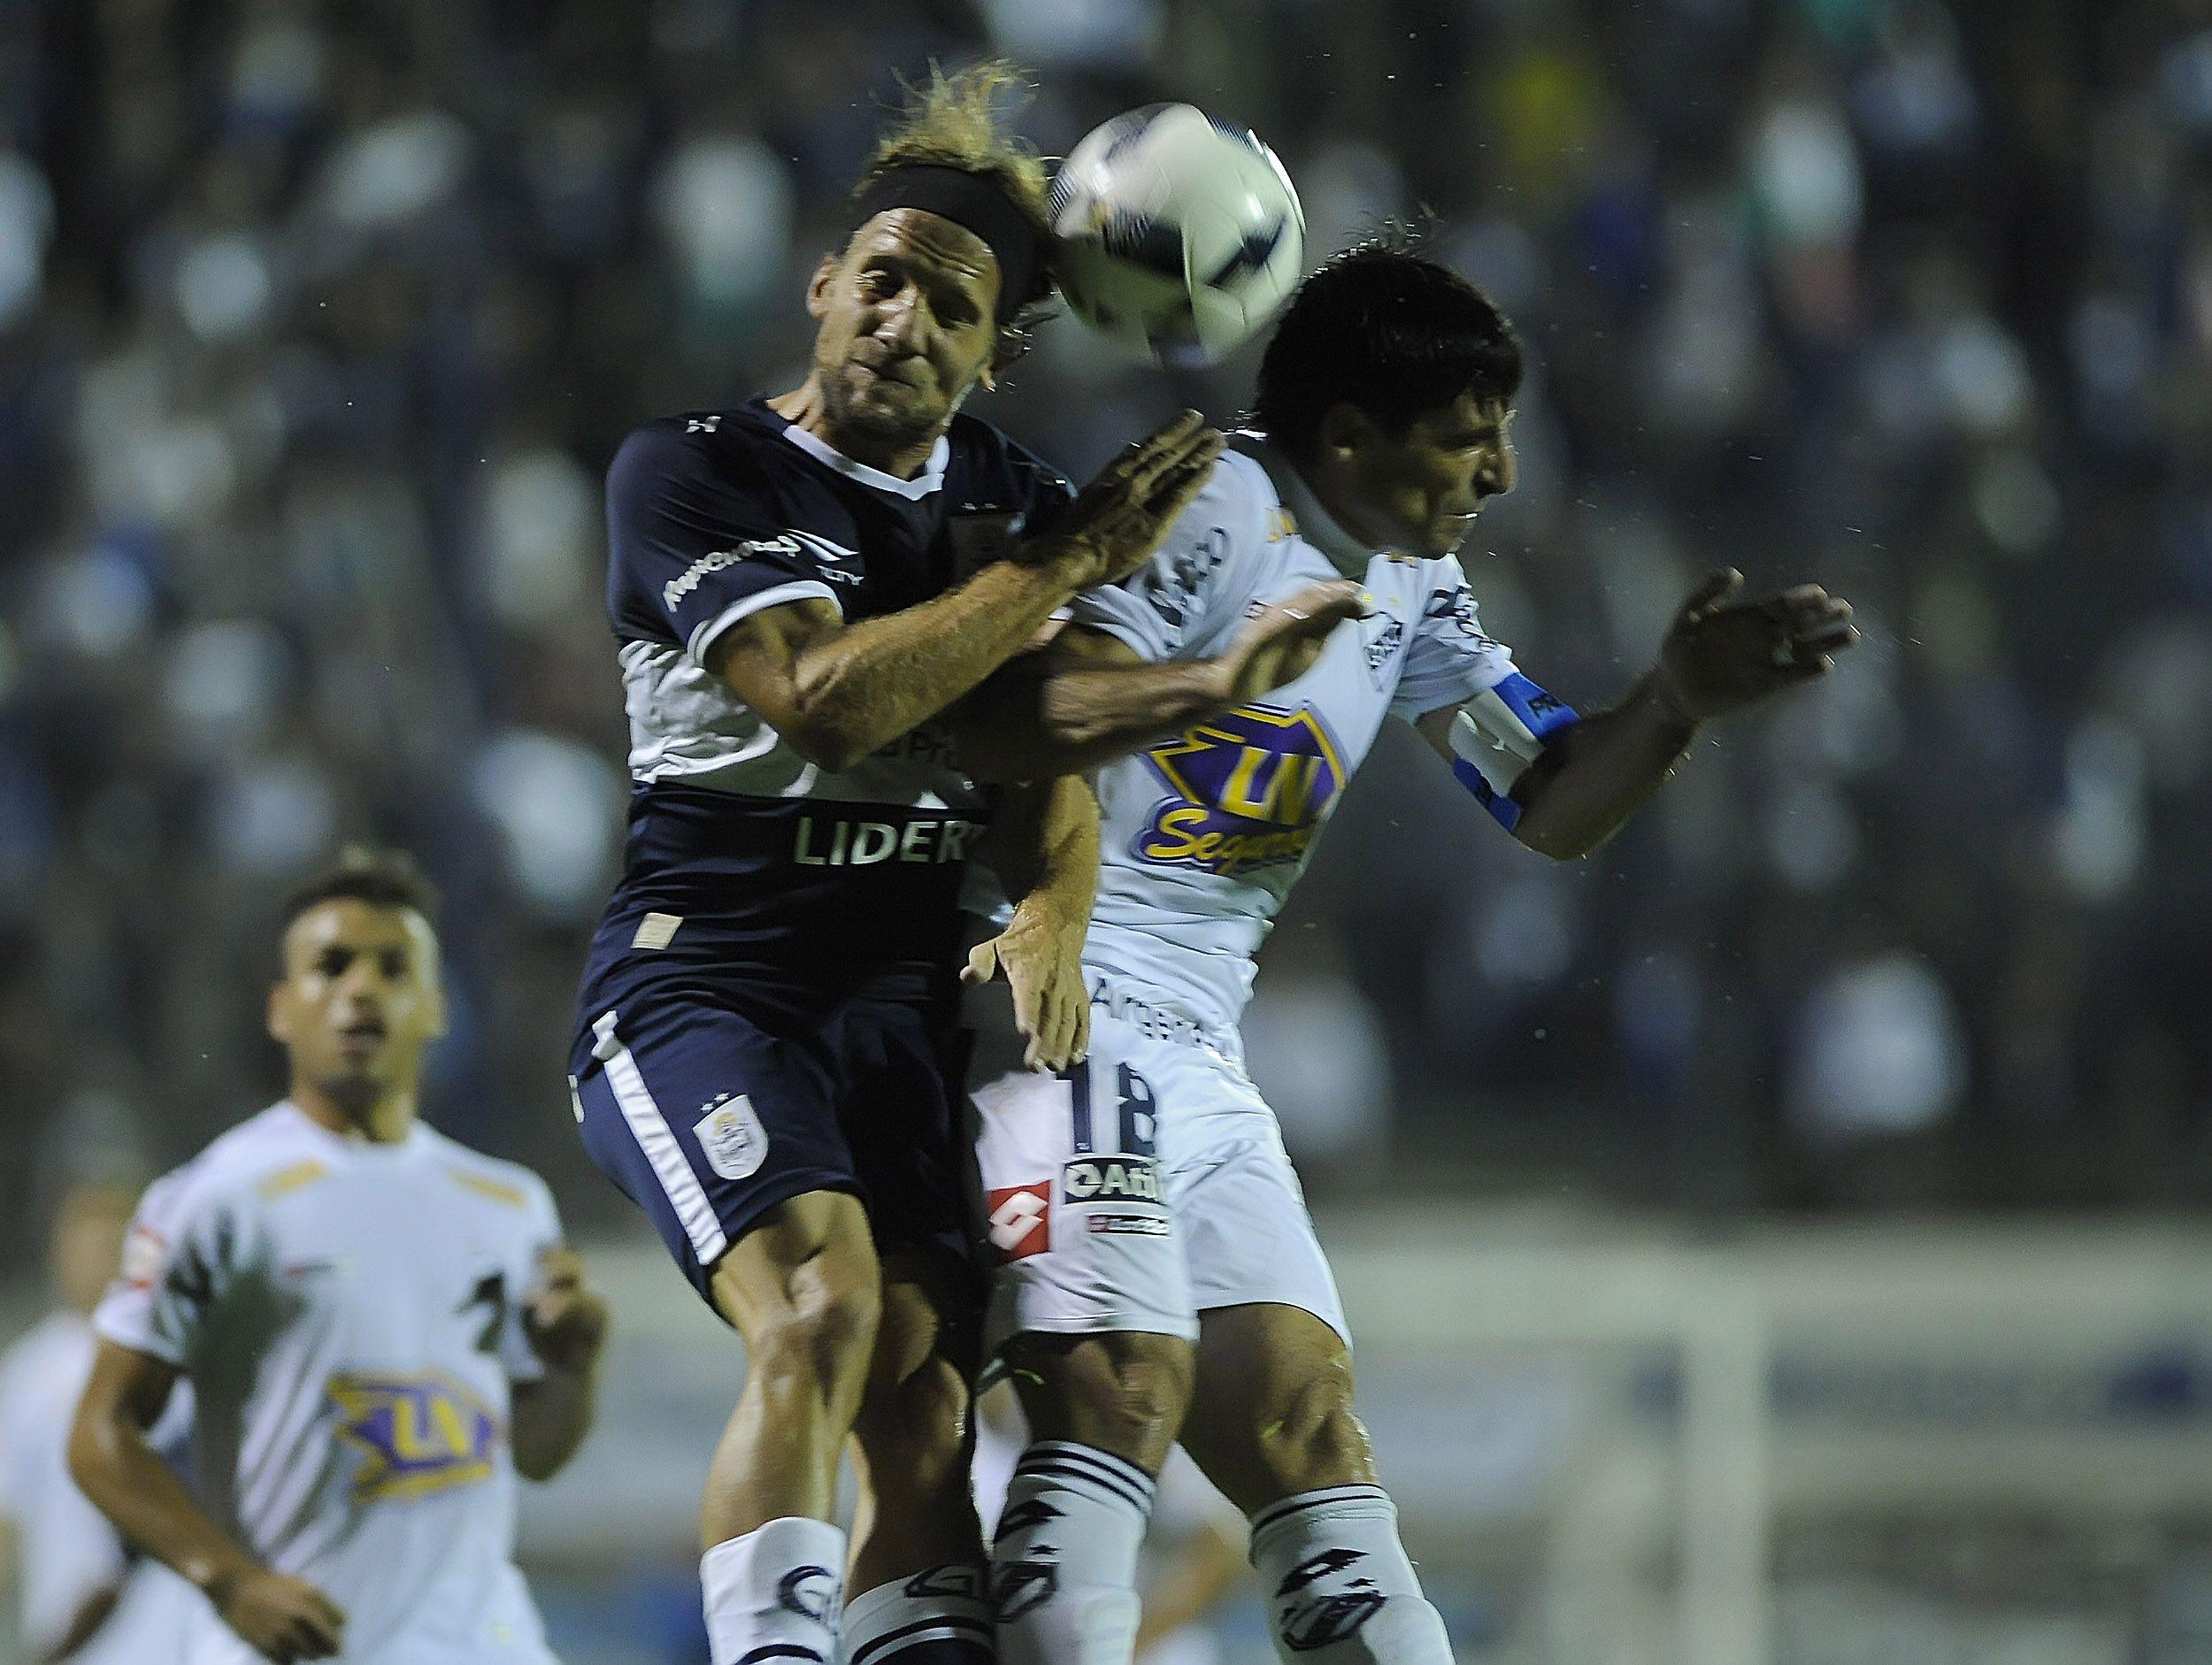 Las fotos del triunfo de Gimnasia ante Quilmes